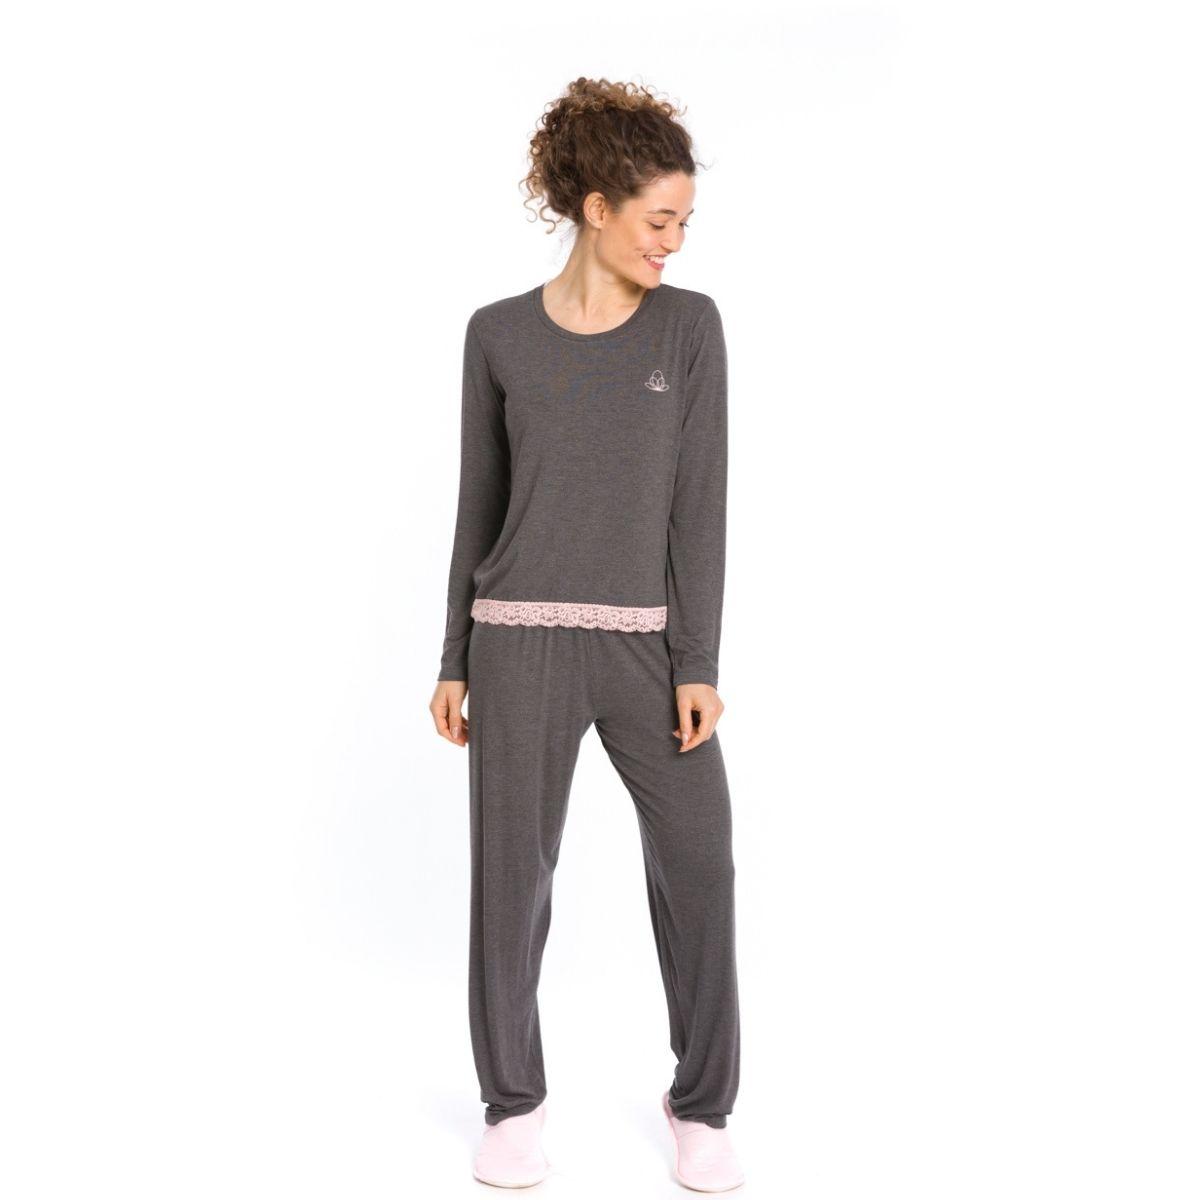 Pijama feminino inverno mescla detalhes renda quentinho